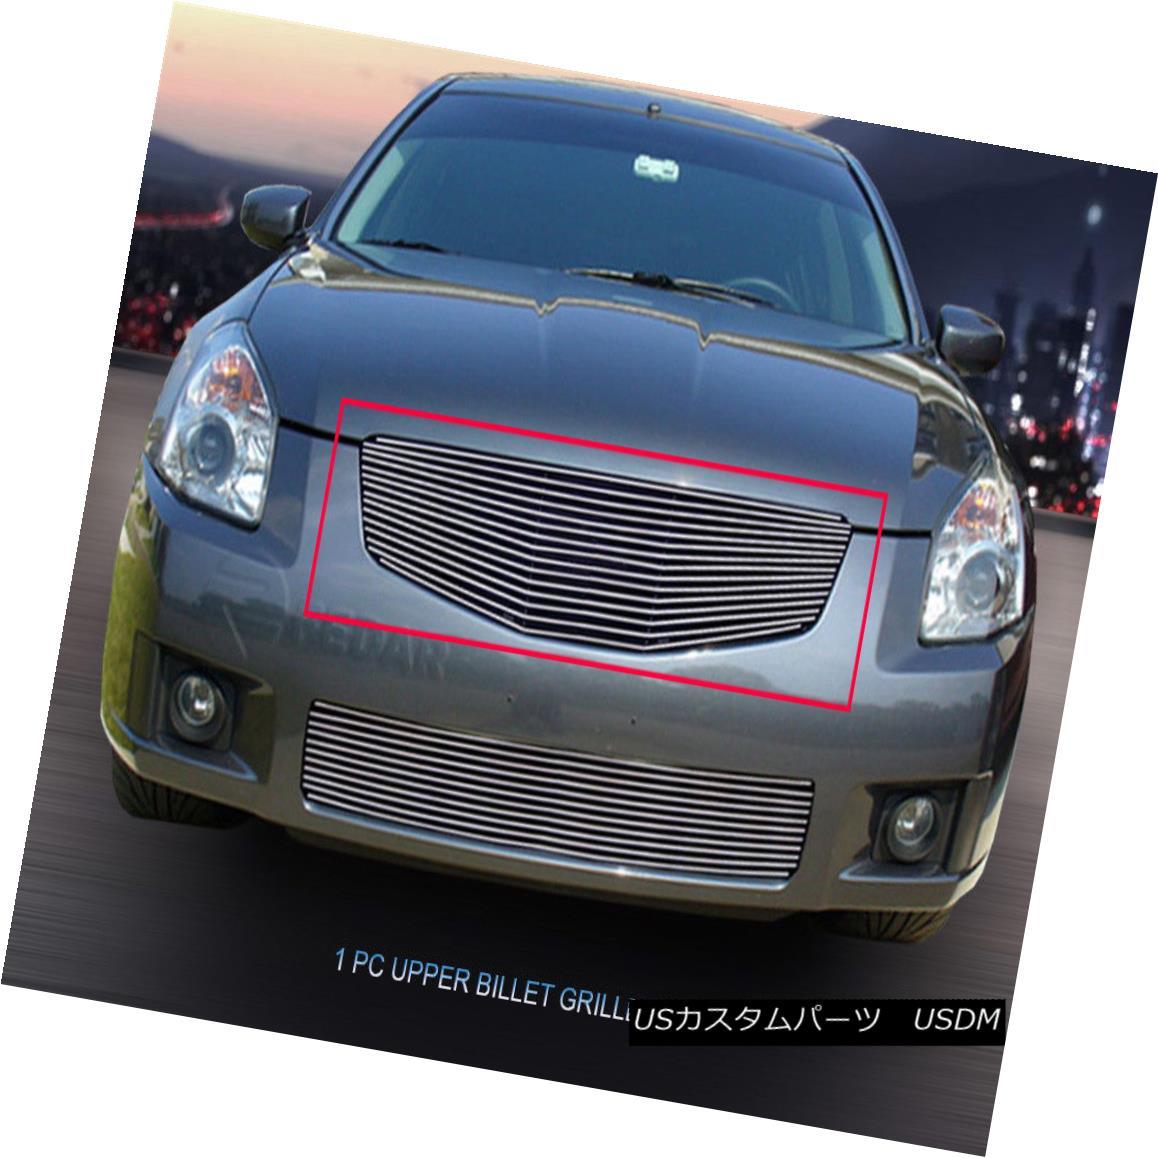 グリル Fits 2007-2008 Nissan Maxima Billet Grille Upper Grill Insert Fedar フィット2007年 - 2008年日産マキシマビレットグリルアッパーグリルインサートFedar